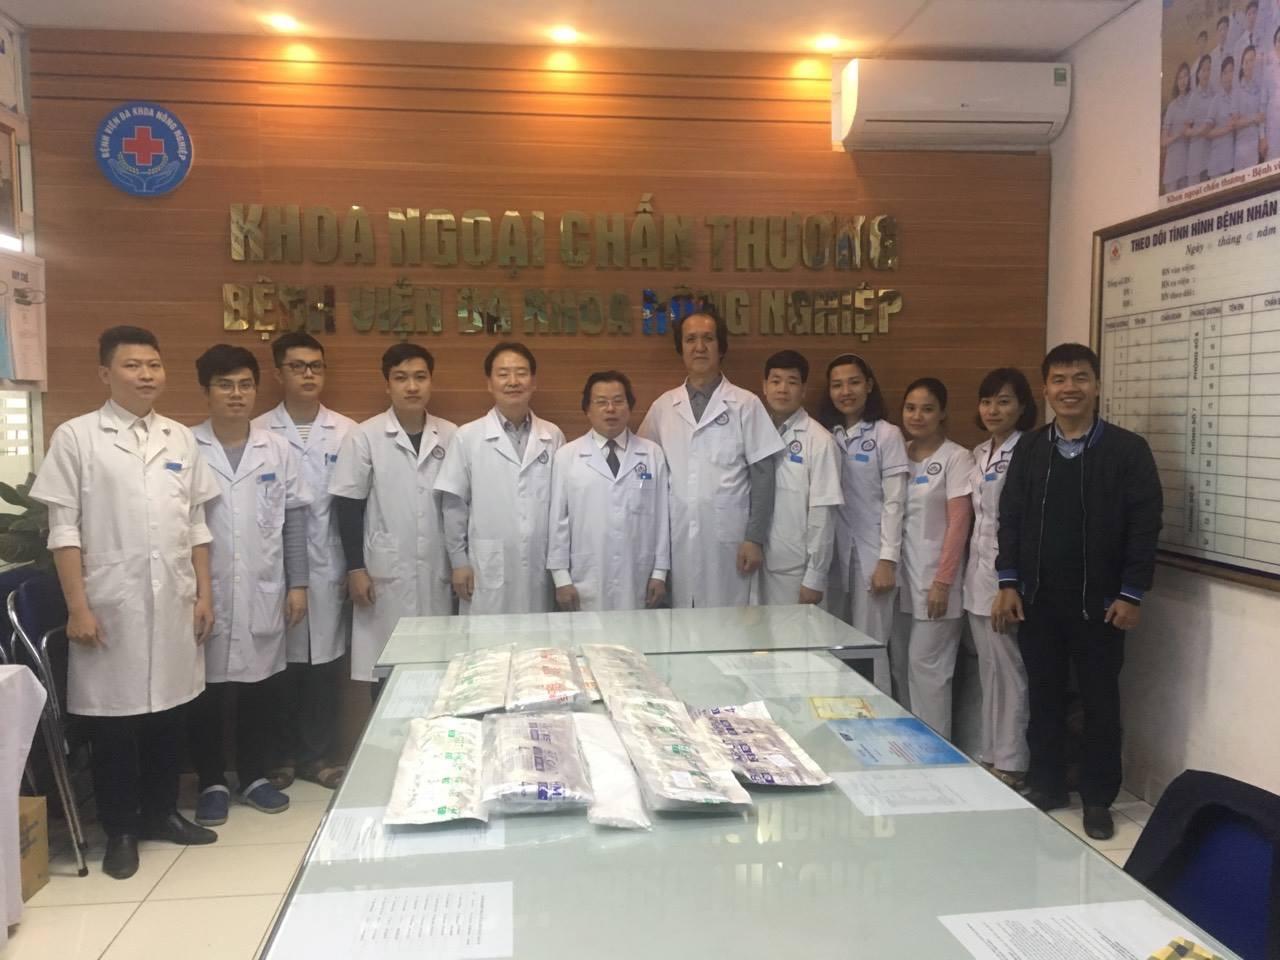 Bệnh viện Đa khoa Nông nghiệp đón nhận chuyển giao kỹ thuật mới Băng bó bột Hybrid Mesh và Nẹp bột Hybrid Mesh trong điều trị chấn thương chỉnh hình